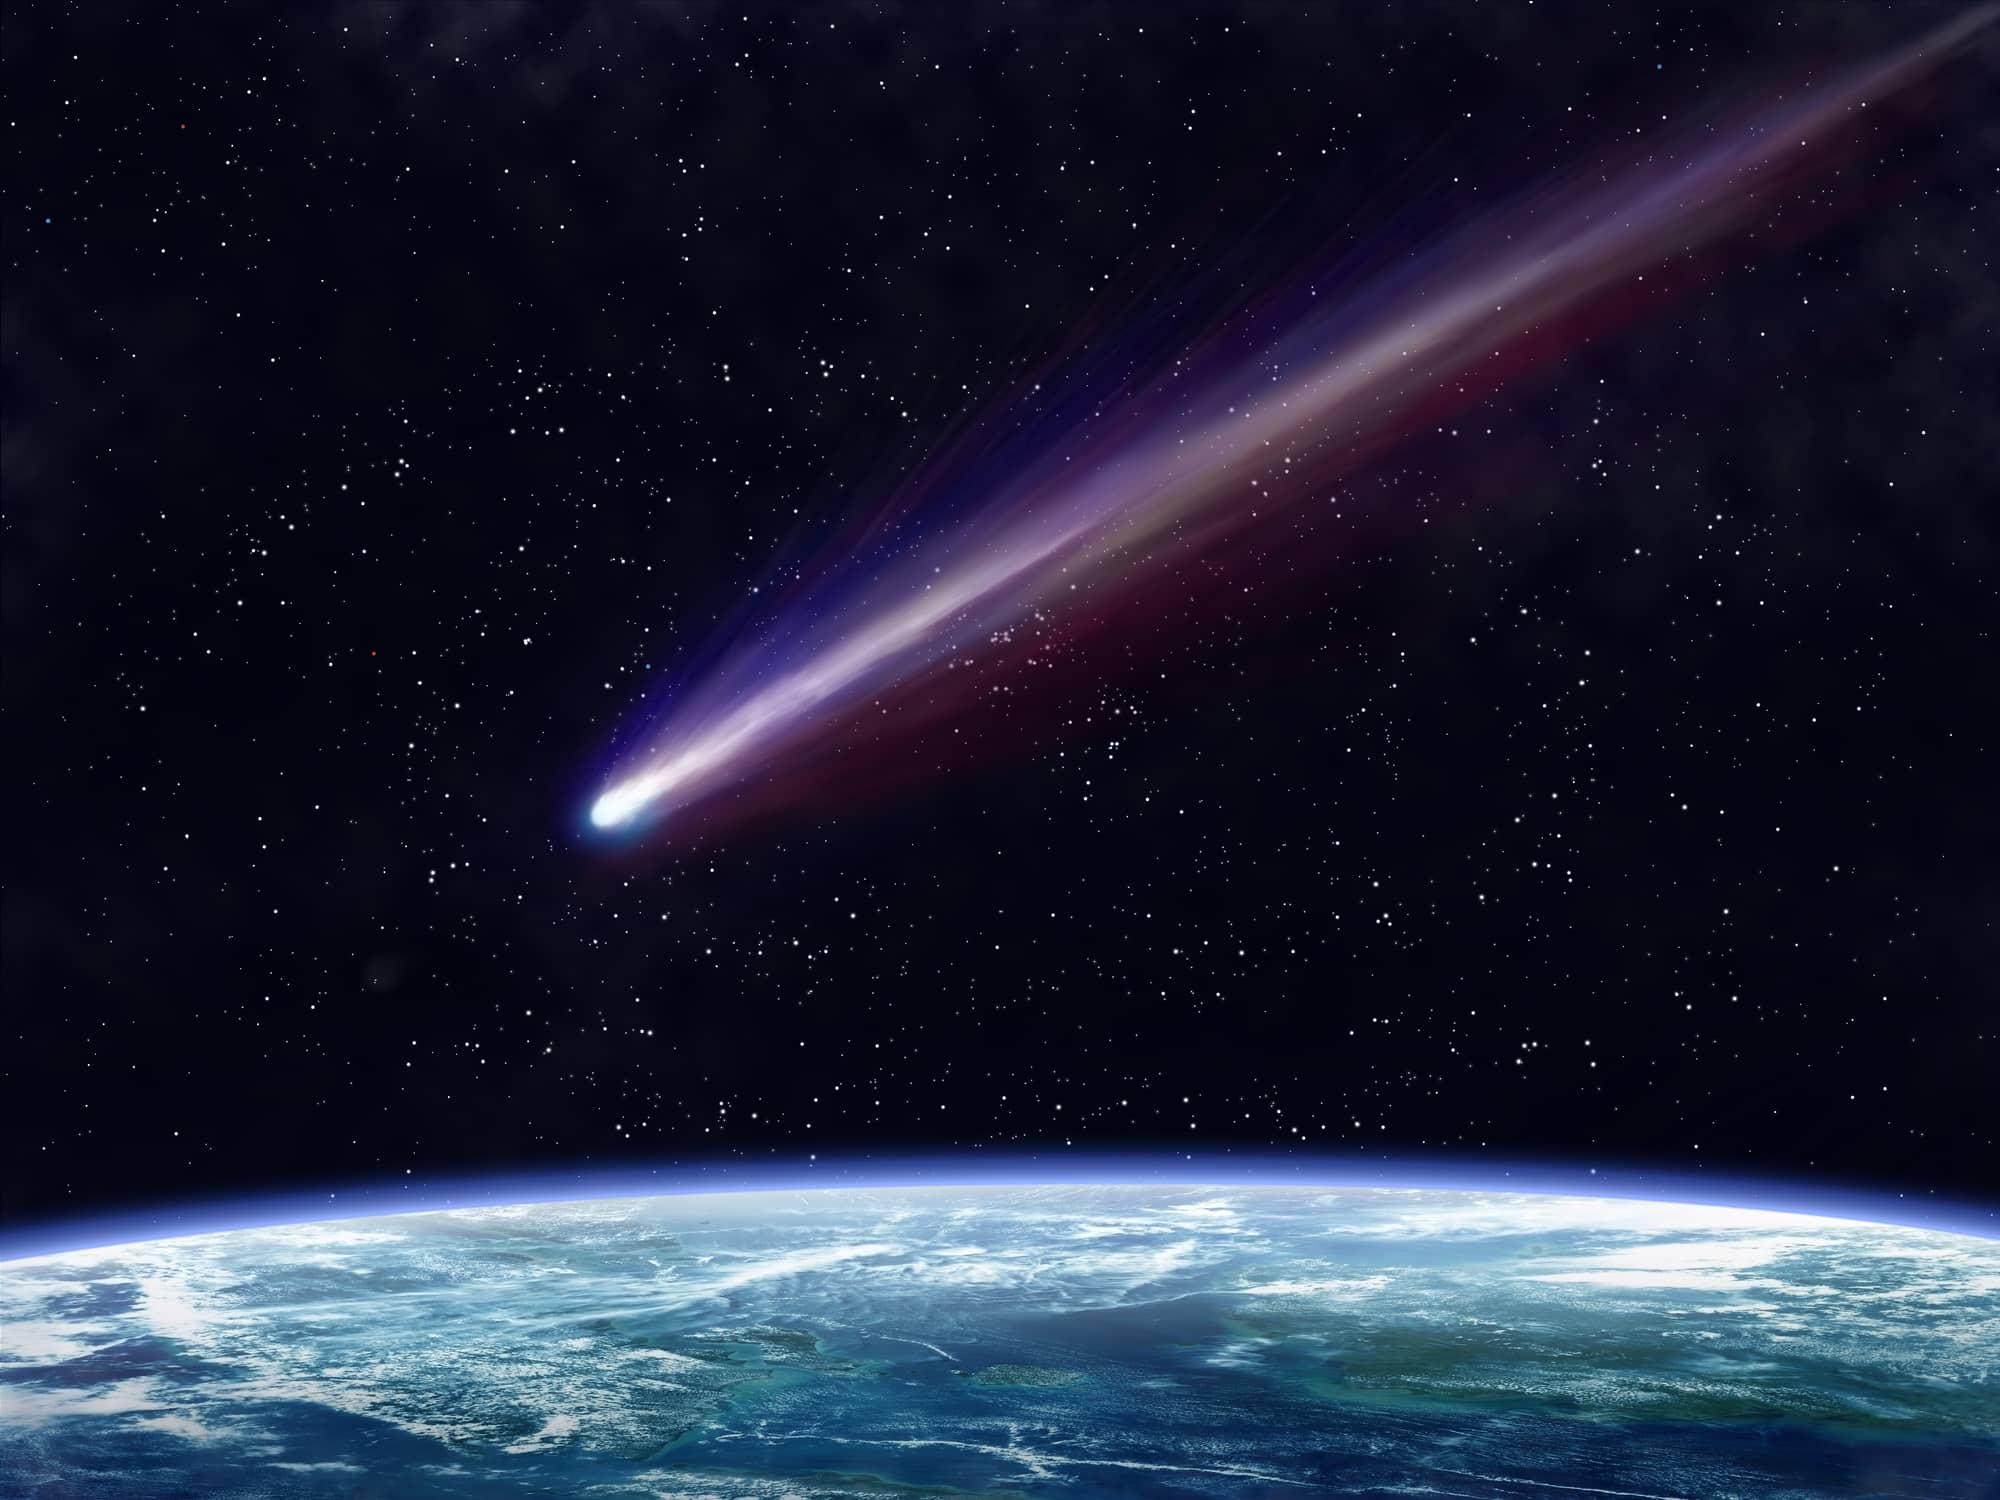 Sternschnuppen Wann Und Wo Sieht Man Sternschnuppen Astronomie